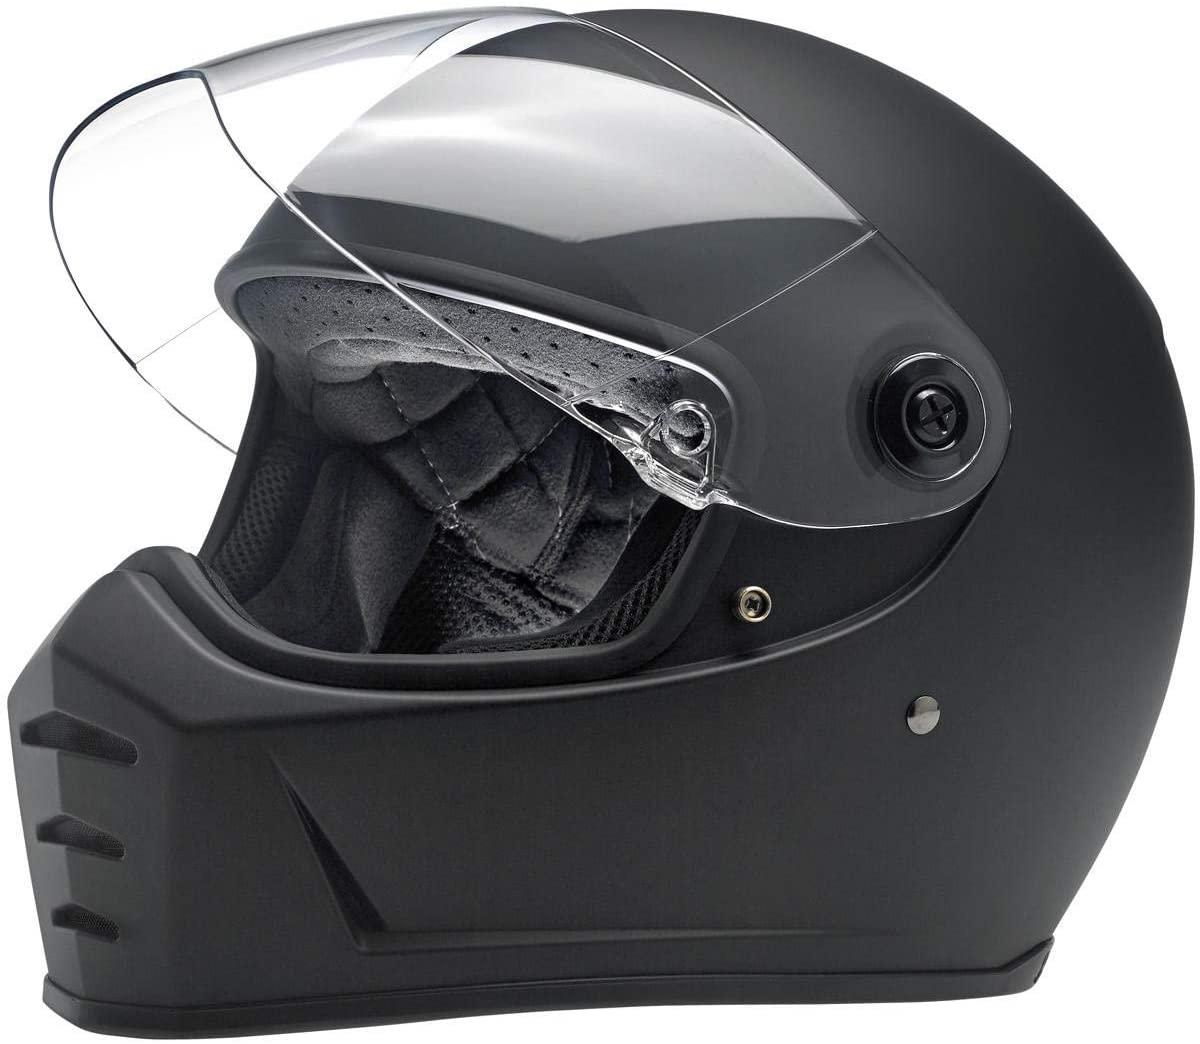 Biltwell Unisex-Adult Full face Lane Splitter Helmet (Flat Black, Large)